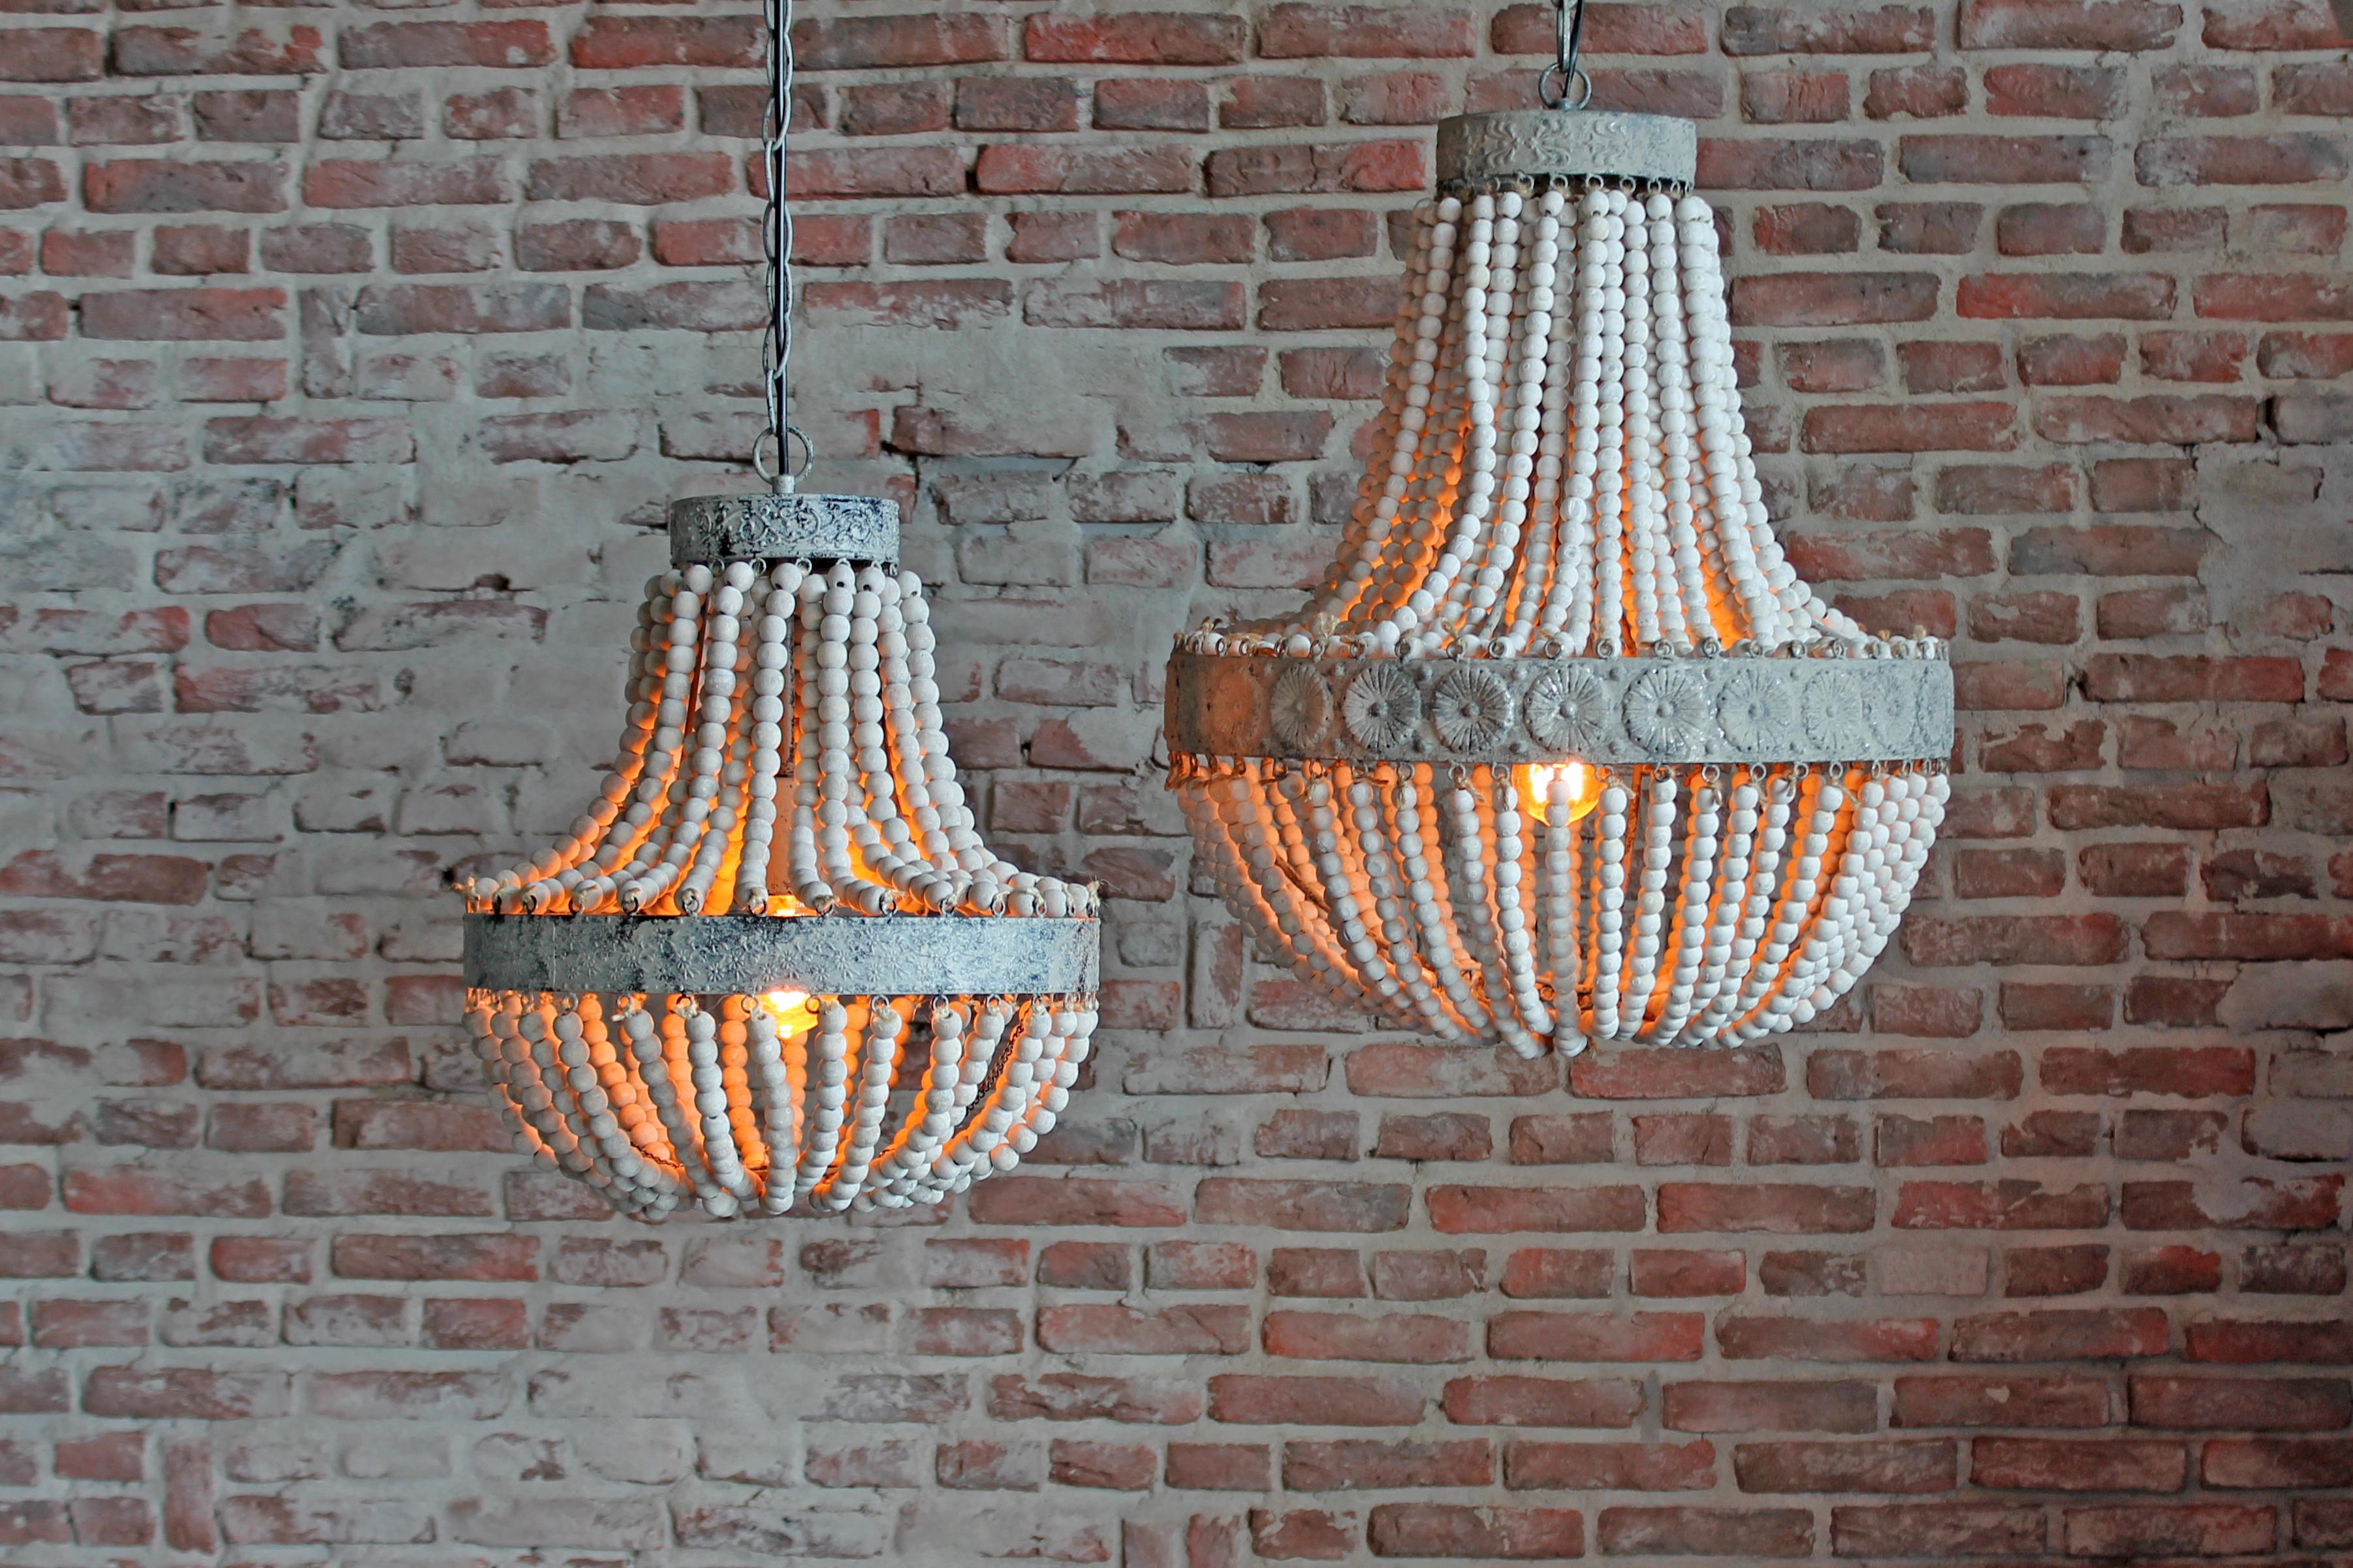 Hanglamp Meerdere Lampen : Hanglamp meerdere snoeren hanglamp met gedraaid touw om snoer